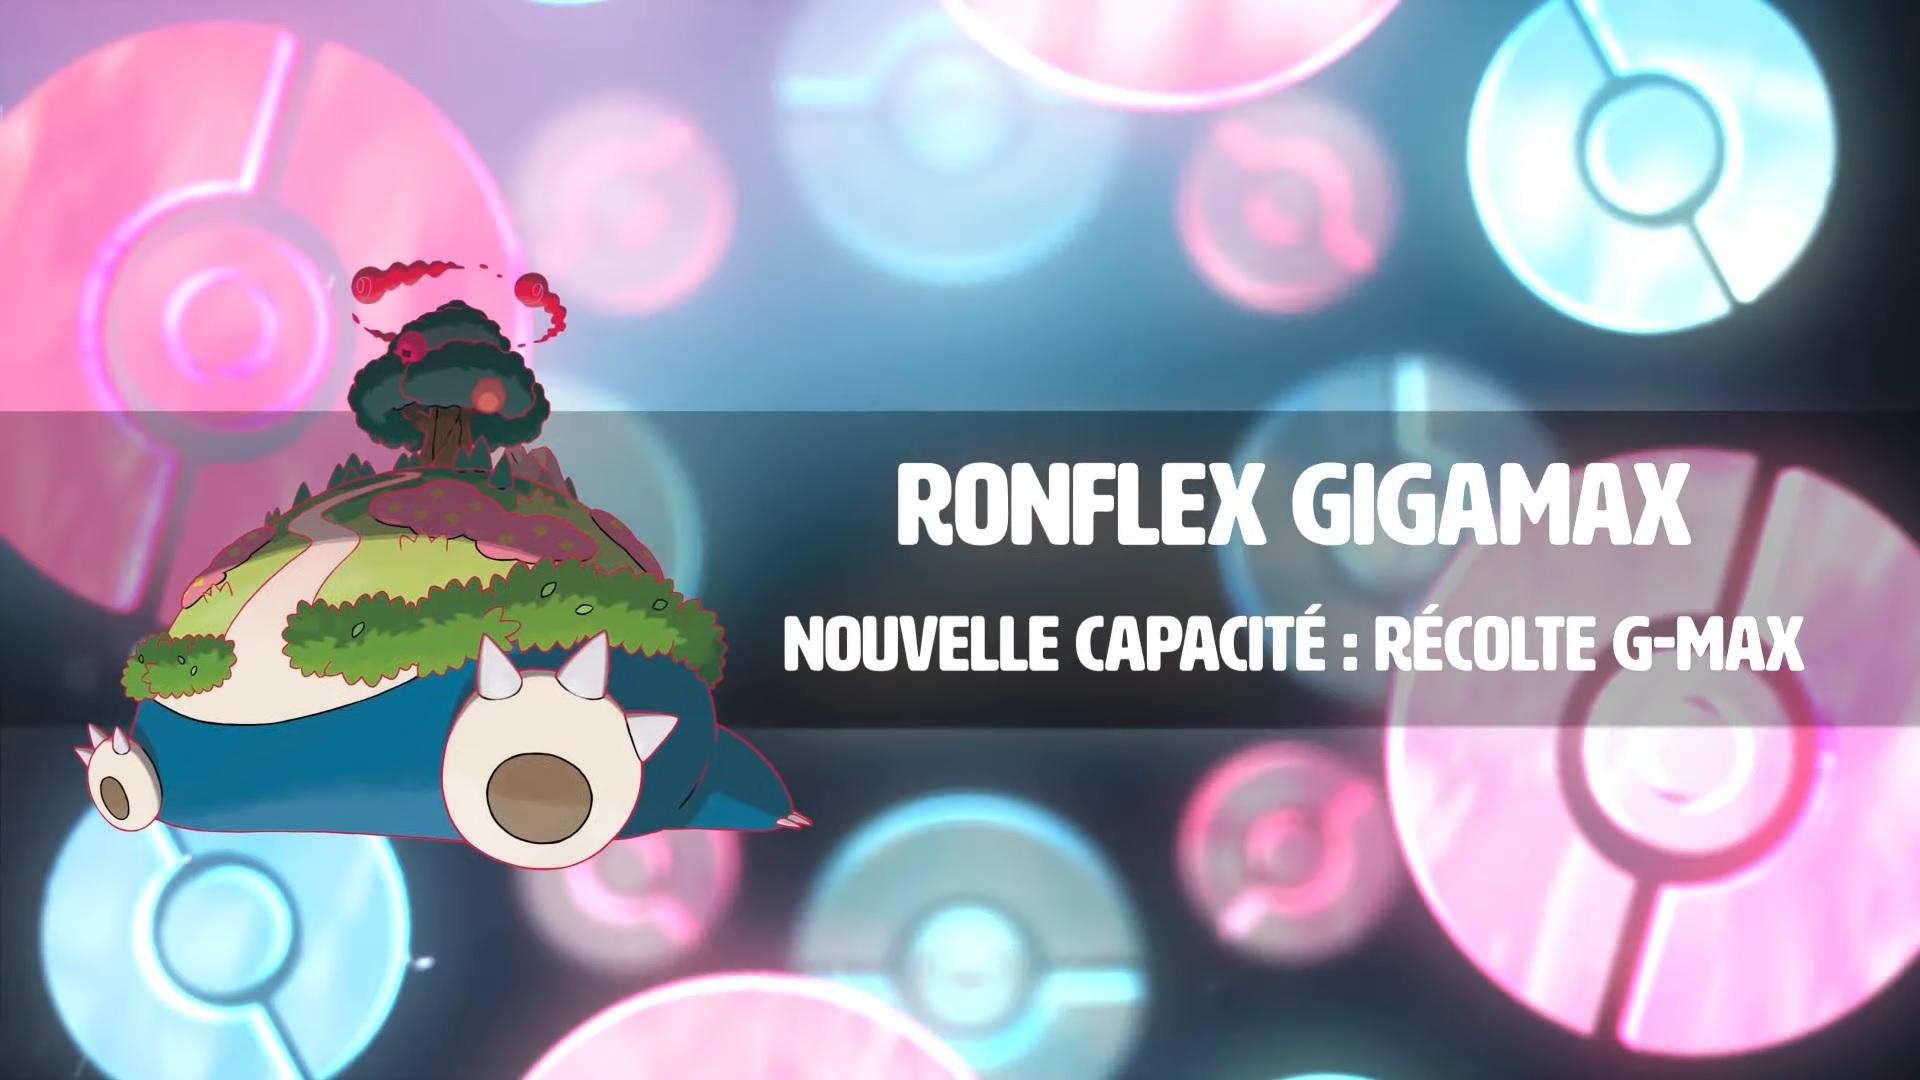 Ronflex Gigamax s'annonce en vidéo pour Pokémon Épée et Bouclier